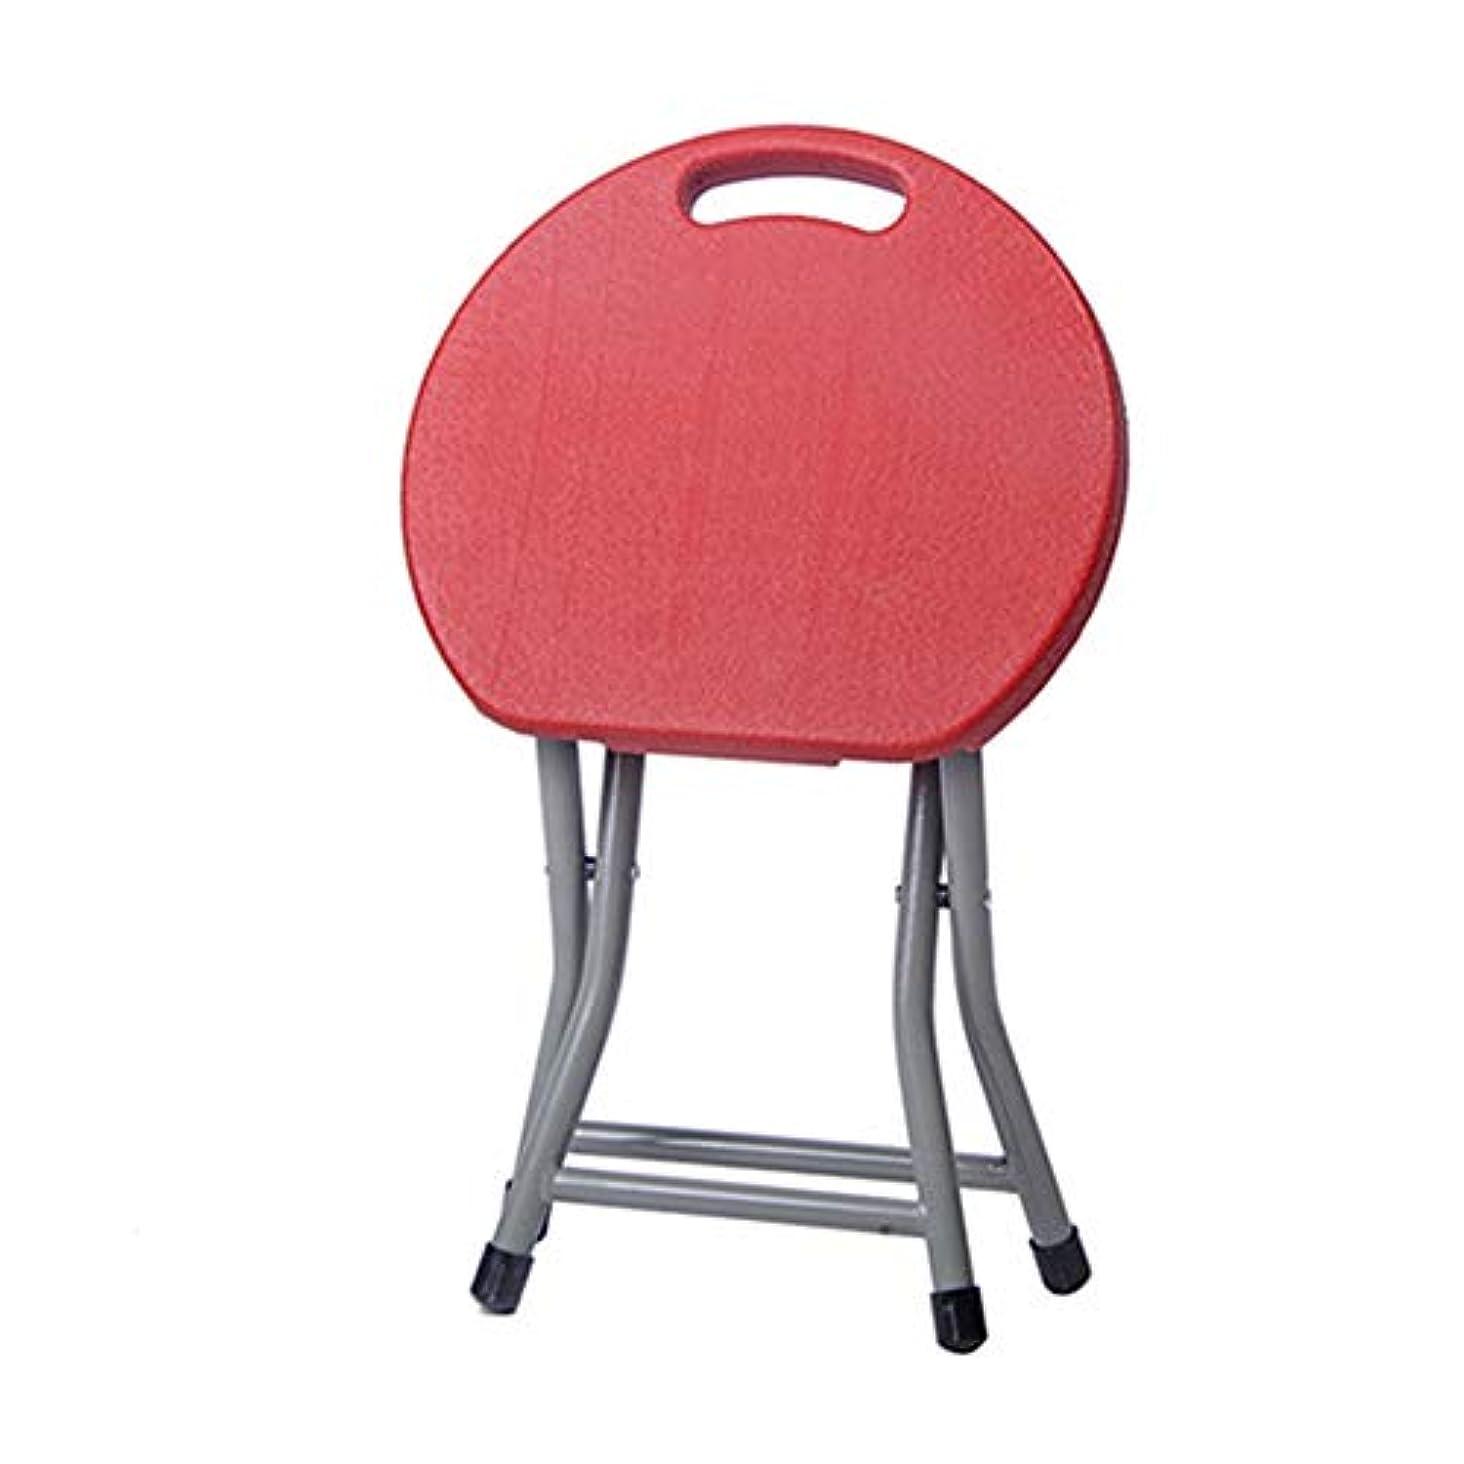 アナリスト粗い迷信Q-Y-J シンプルな折りたたみチェアラウンドチェアポータブル屋外レジャーチェア厚いプラスチック釣りキャンプホームベンチ (Color : Red, Size : 33x45cm)